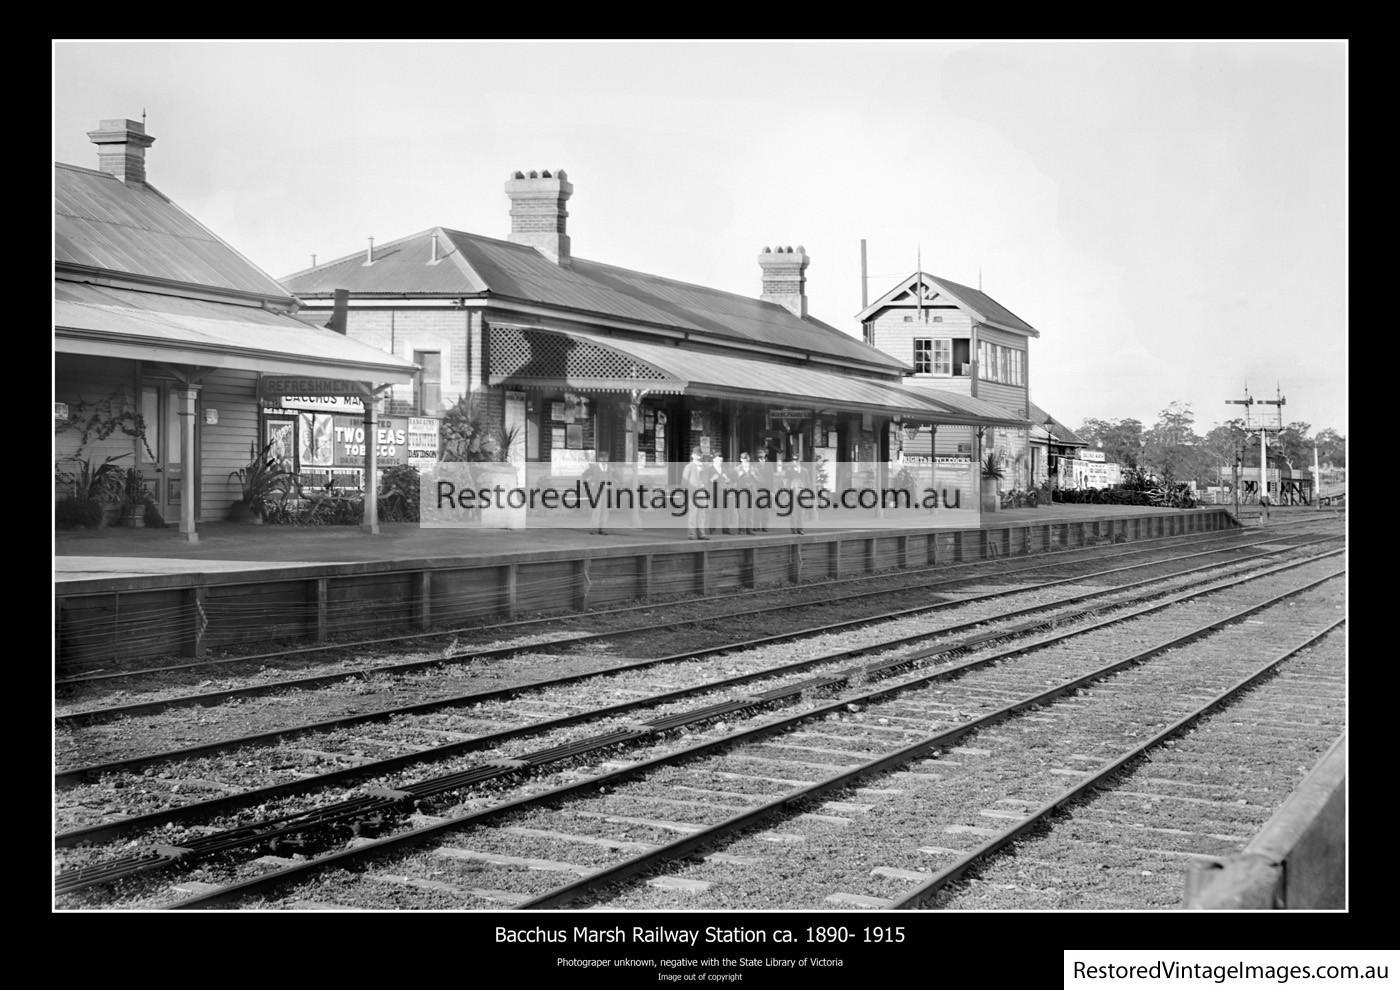 Bacchus Marsh Station 1890-1915